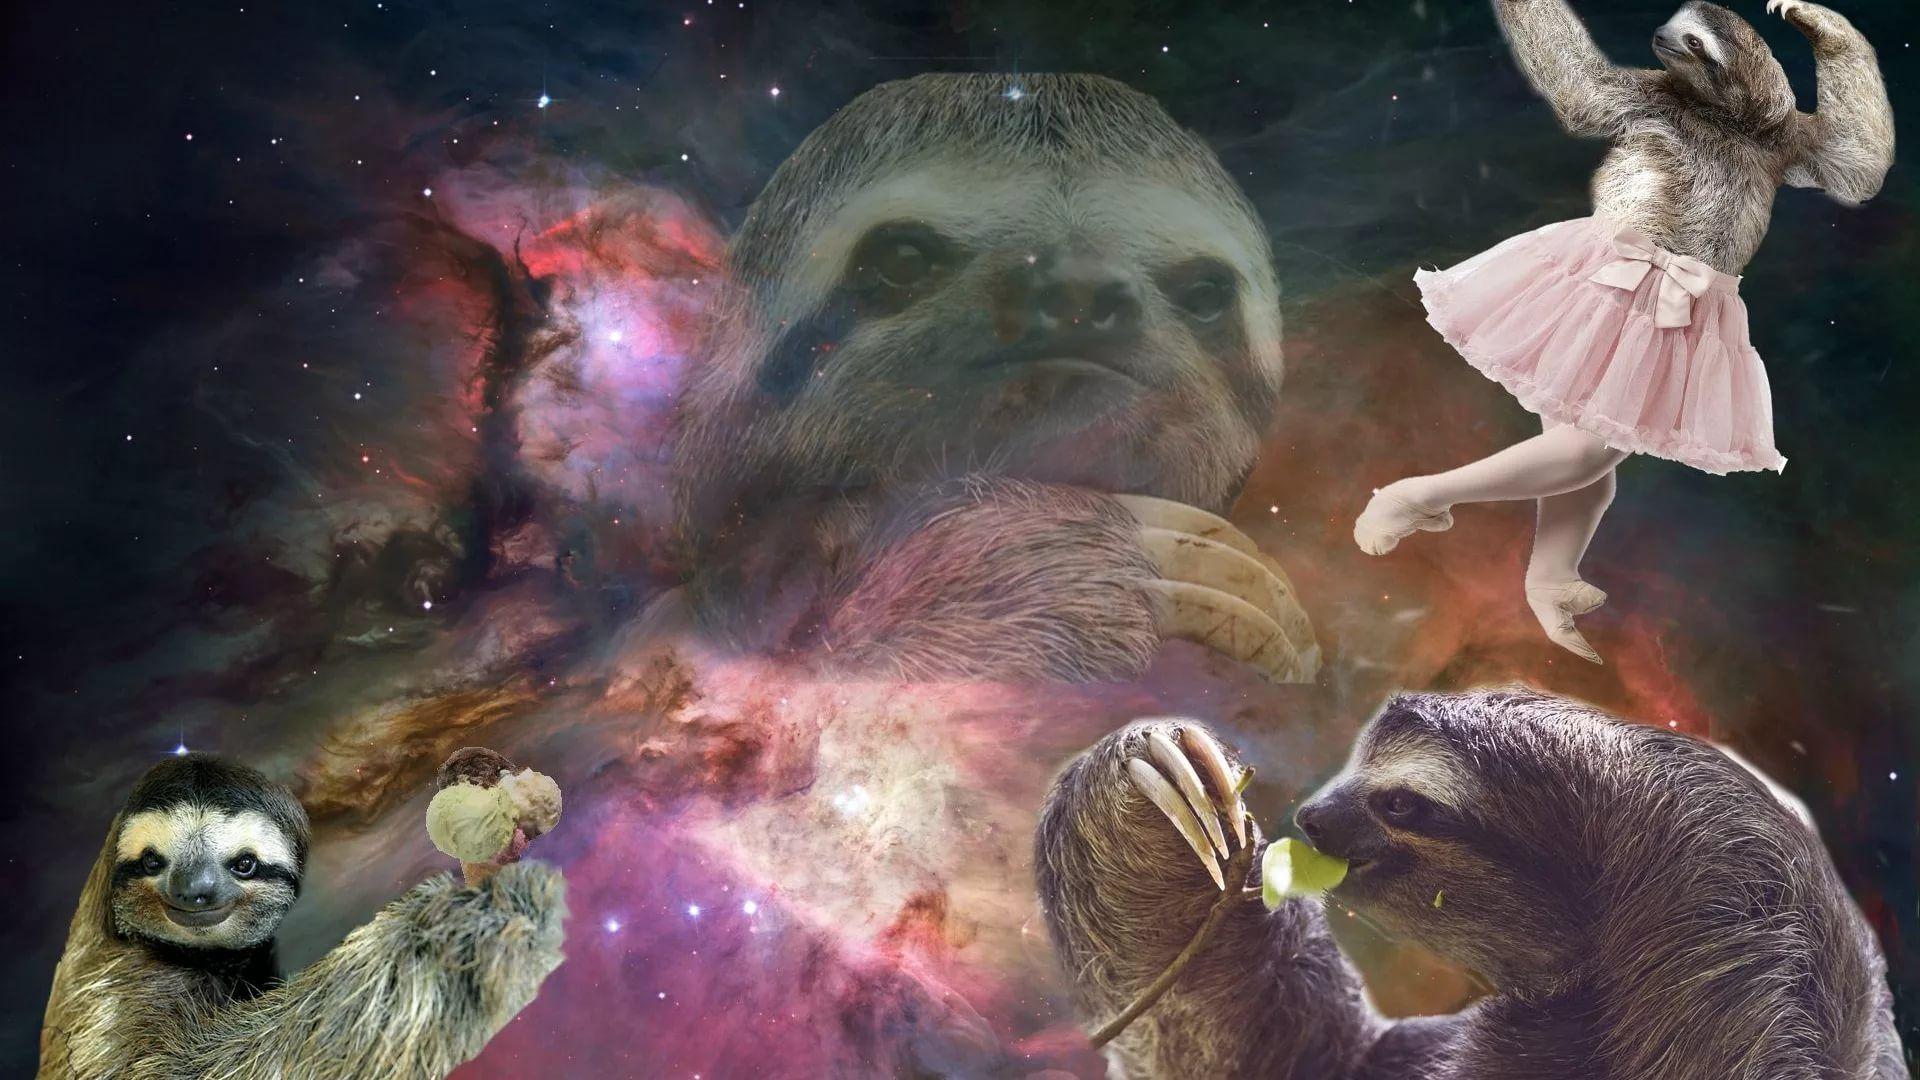 Sloth laptop wallpaper